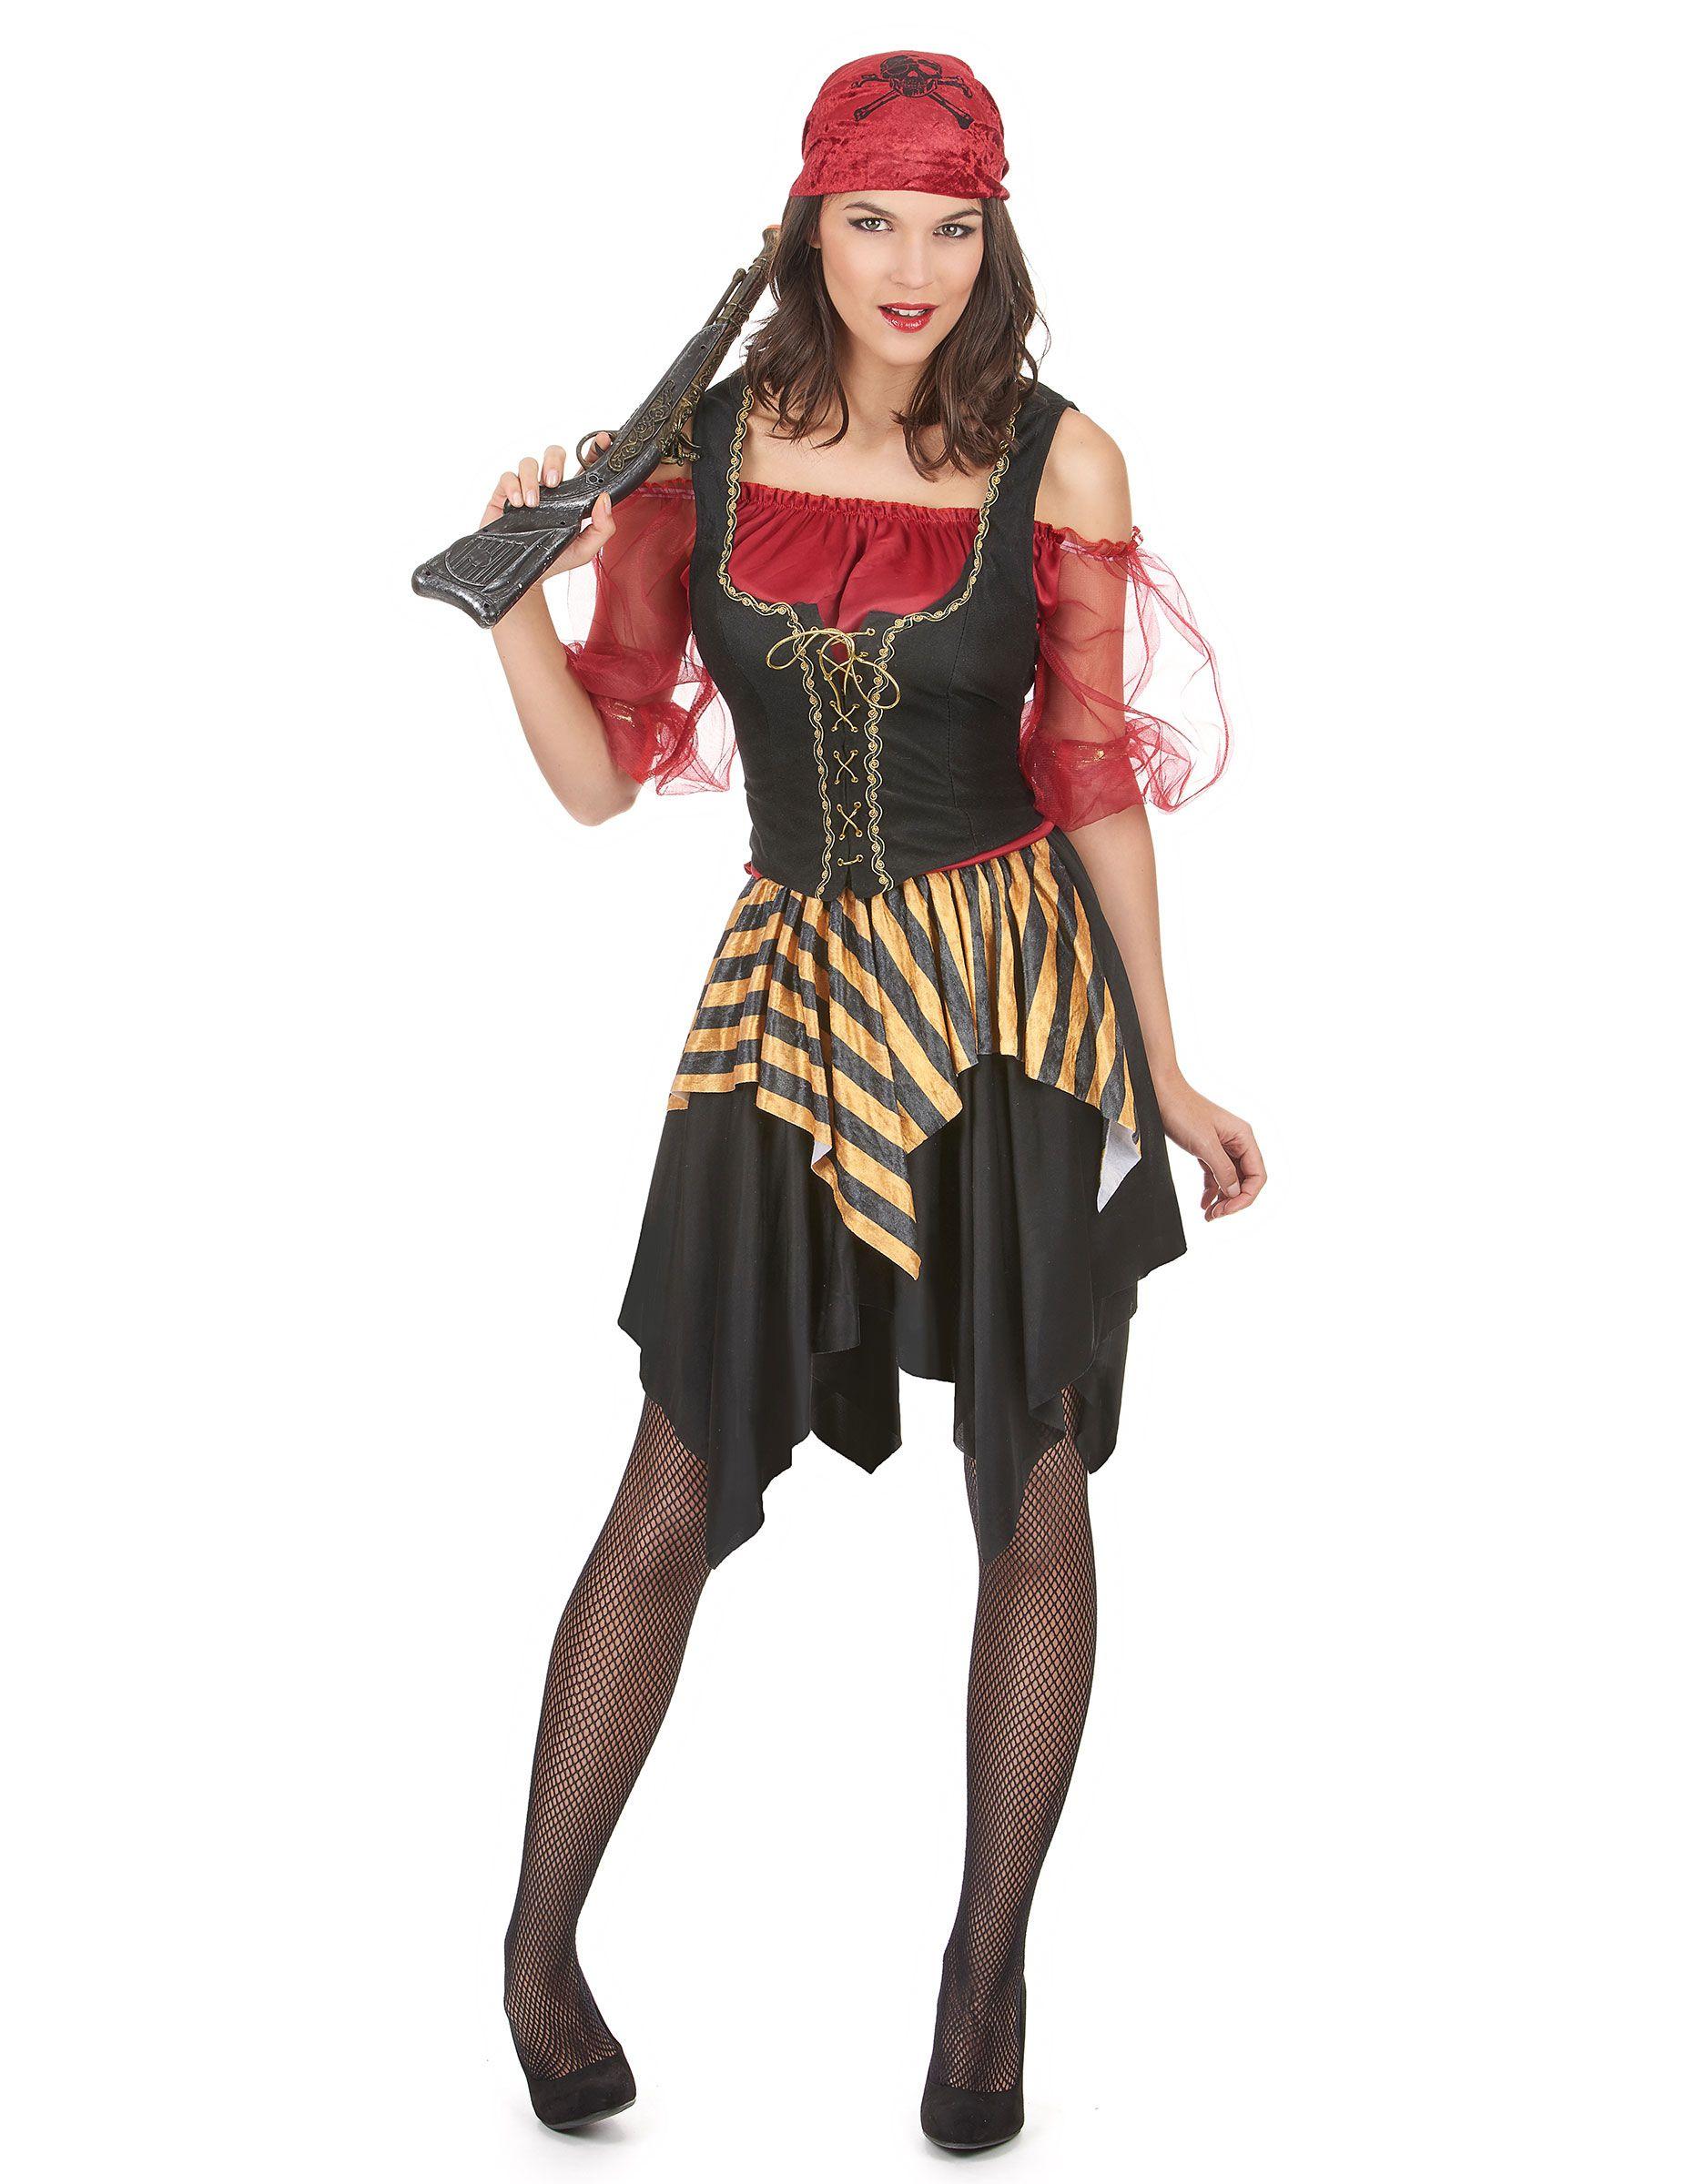 Costume pirata donna  Questo travestimento da pirata per donna è composto da  una maglia 54dbd77f1375